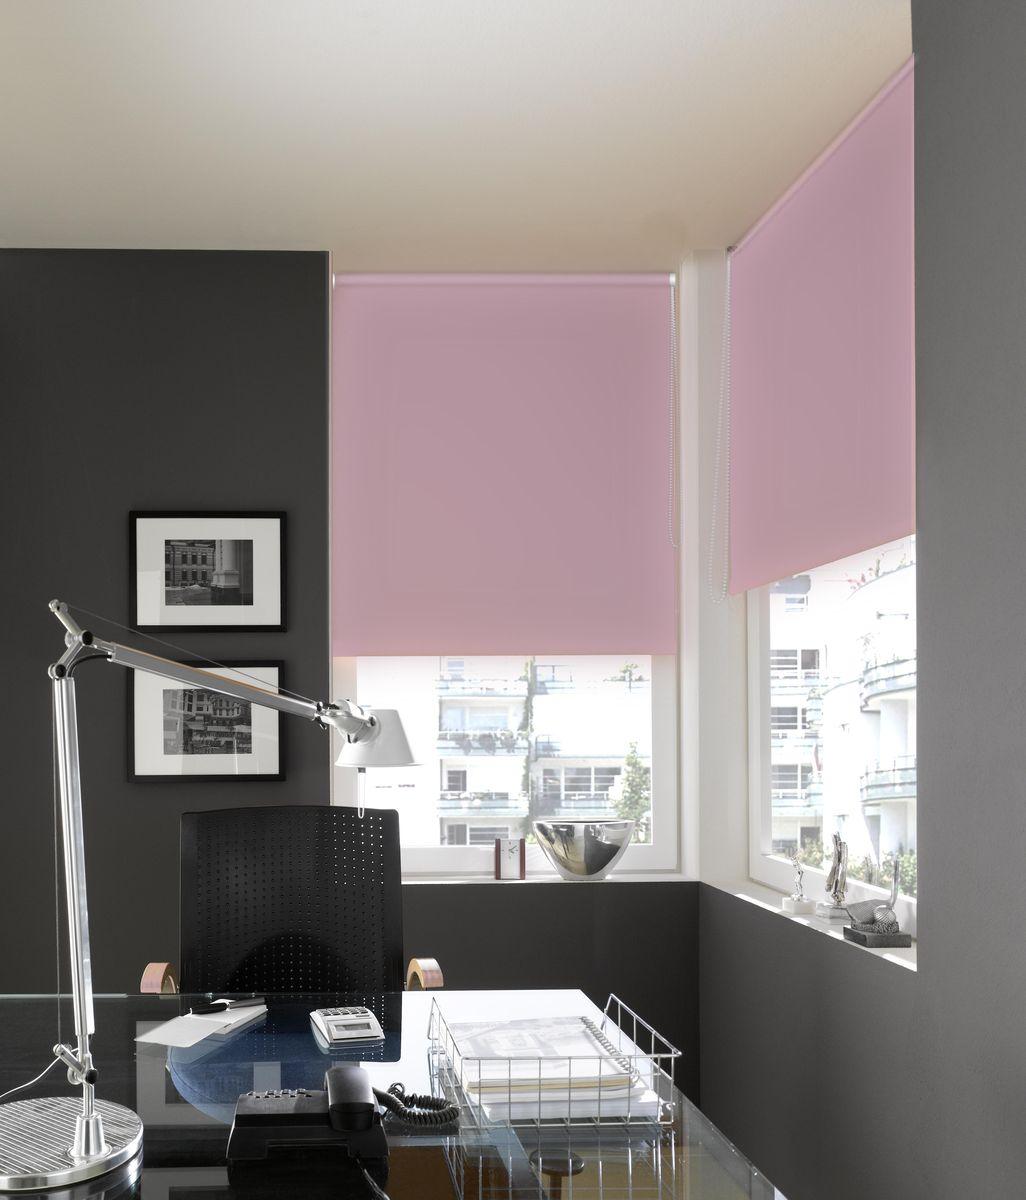 Штора рулонная Эскар Миниролло. Blackout, светонепроницаемая, цвет: розовый кварц, ширина 68 см, высота 170 см34933068170Рулонными шторами Эскар Миниролло. Blackout можно оформлять окна как самостоятельно, так и использовать в комбинации с портьерами. Это поможет предотвратить выгорание дорогой ткани на солнце и соединит функционал рулонных с красотой навесных. Преимущества применения рулонных штор для пластиковых окон: - имеют прекрасный внешний вид: многообразие и фактурность материала изделия отлично смотрятся в любом интерьере;- многофункциональны: есть возможность подобрать шторы способные эффективно защитить комнату от солнца, при этом она не будет слишком темной;- есть возможность осуществить быстрый монтаж.ВНИМАНИЕ! Размеры ширины изделия указаны по ширине ткани! Во время эксплуатации не рекомендуется полностью разматывать рулон, чтобы не оторвать ткань от намоточного вала. В случае загрязнения поверхности ткани, чистку шторы проводят одним из способов, в зависимости от типа загрязнения:легкое поверхностное загрязнение можно удалить при помощи канцелярского ластика;чистка от пыли производится сухим методом при помощи пылесоса с мягкой щеткой-насадкой;для удаления пятна используйте мягкую губку с пенообразующим неагрессивным моющим средством или пятновыводитель на натуральной основе (нельзя применять растворители).